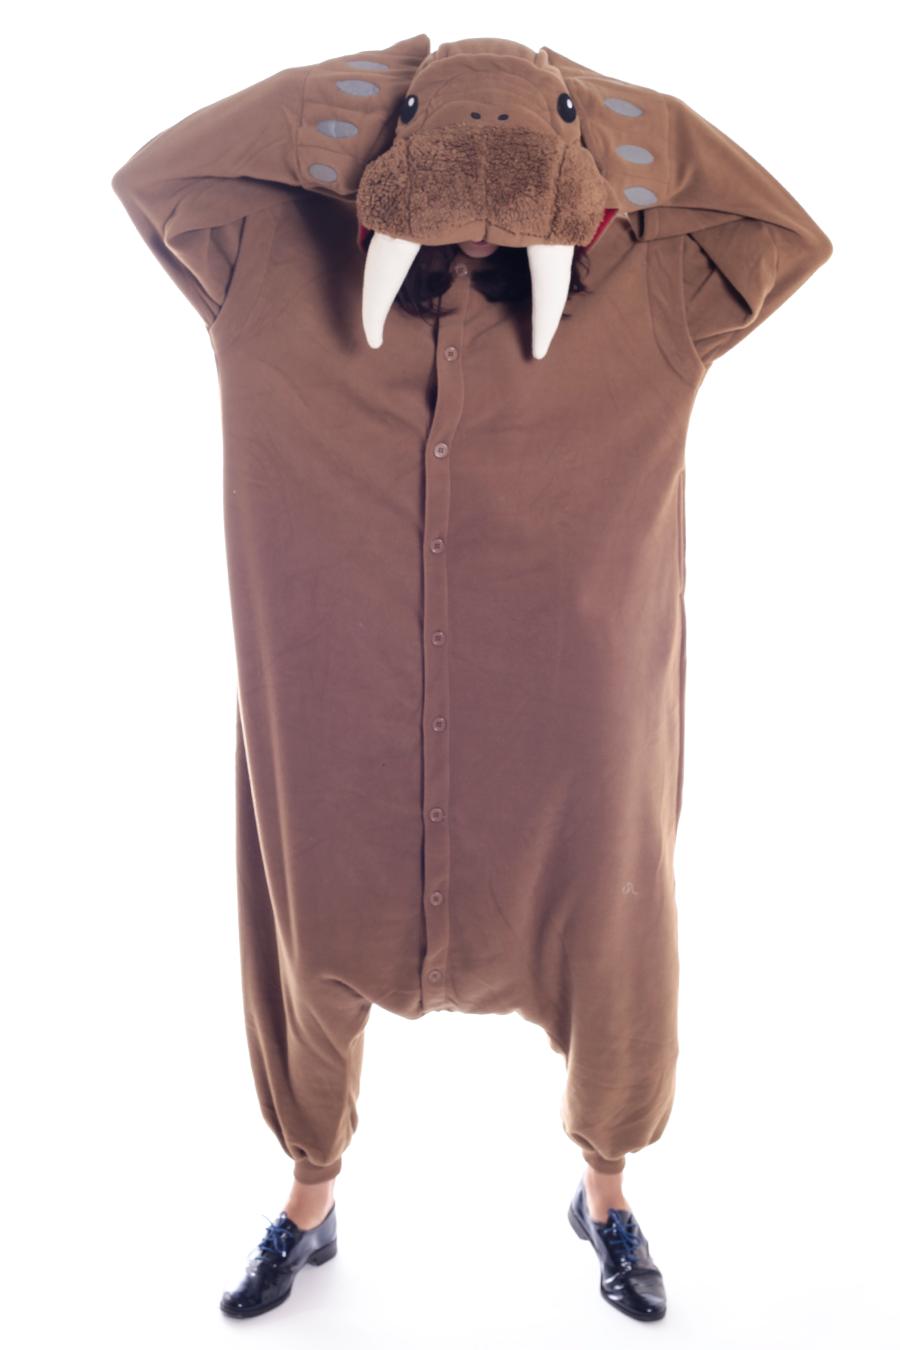 54aa84c8ee14 Walrus Kigurumi Onesie Adult Animal Costume Pajamas